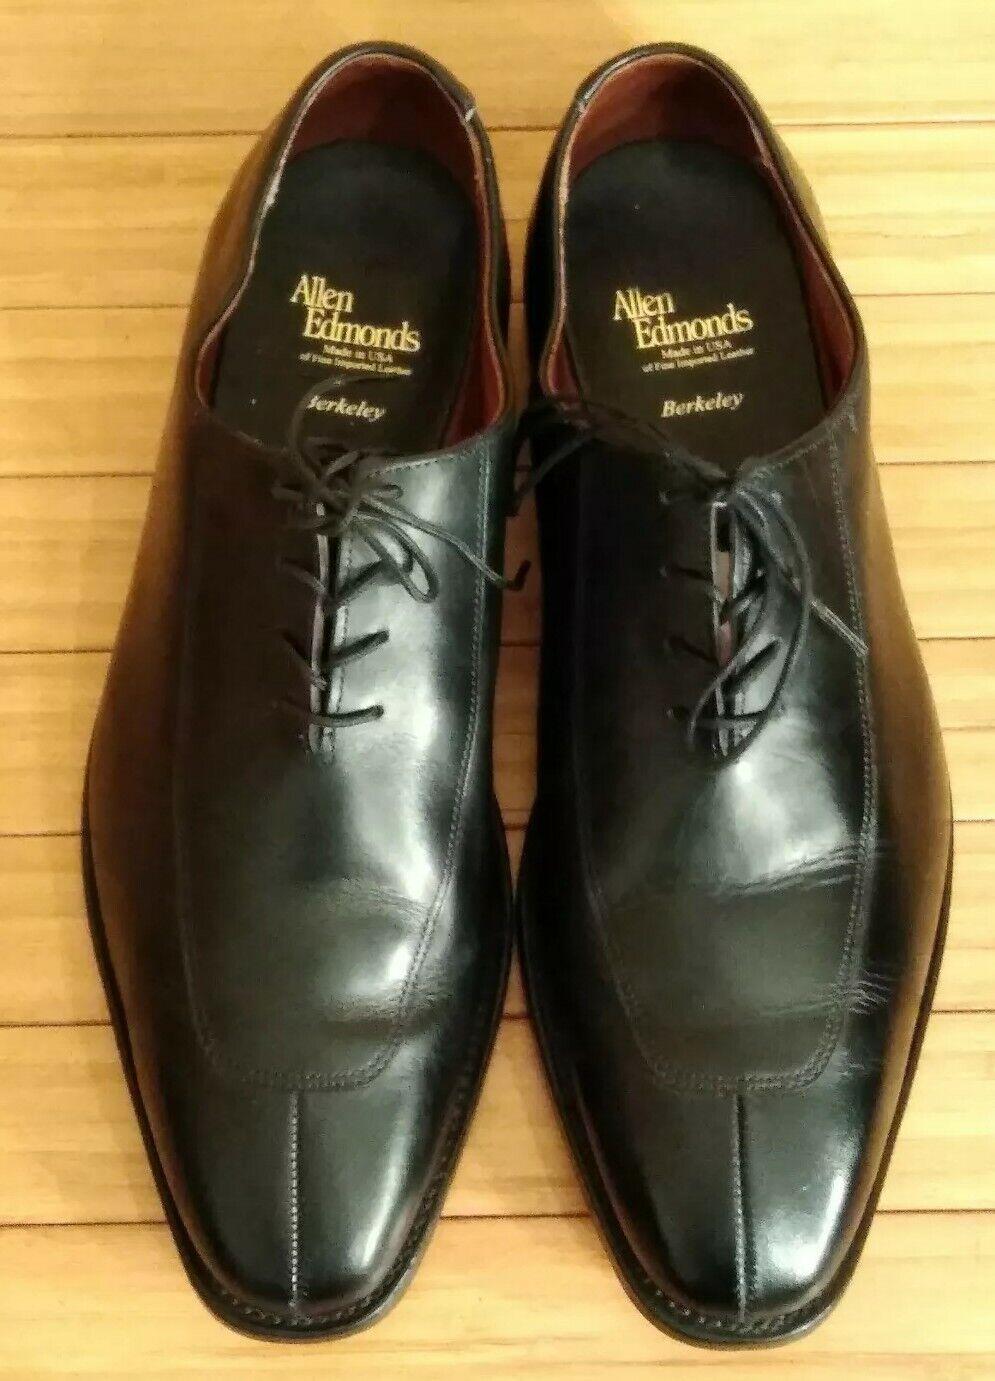 Allen Edmonds Berkeley. Split Toe noir chaussures en cuir. Homme 11.5 D. très bon